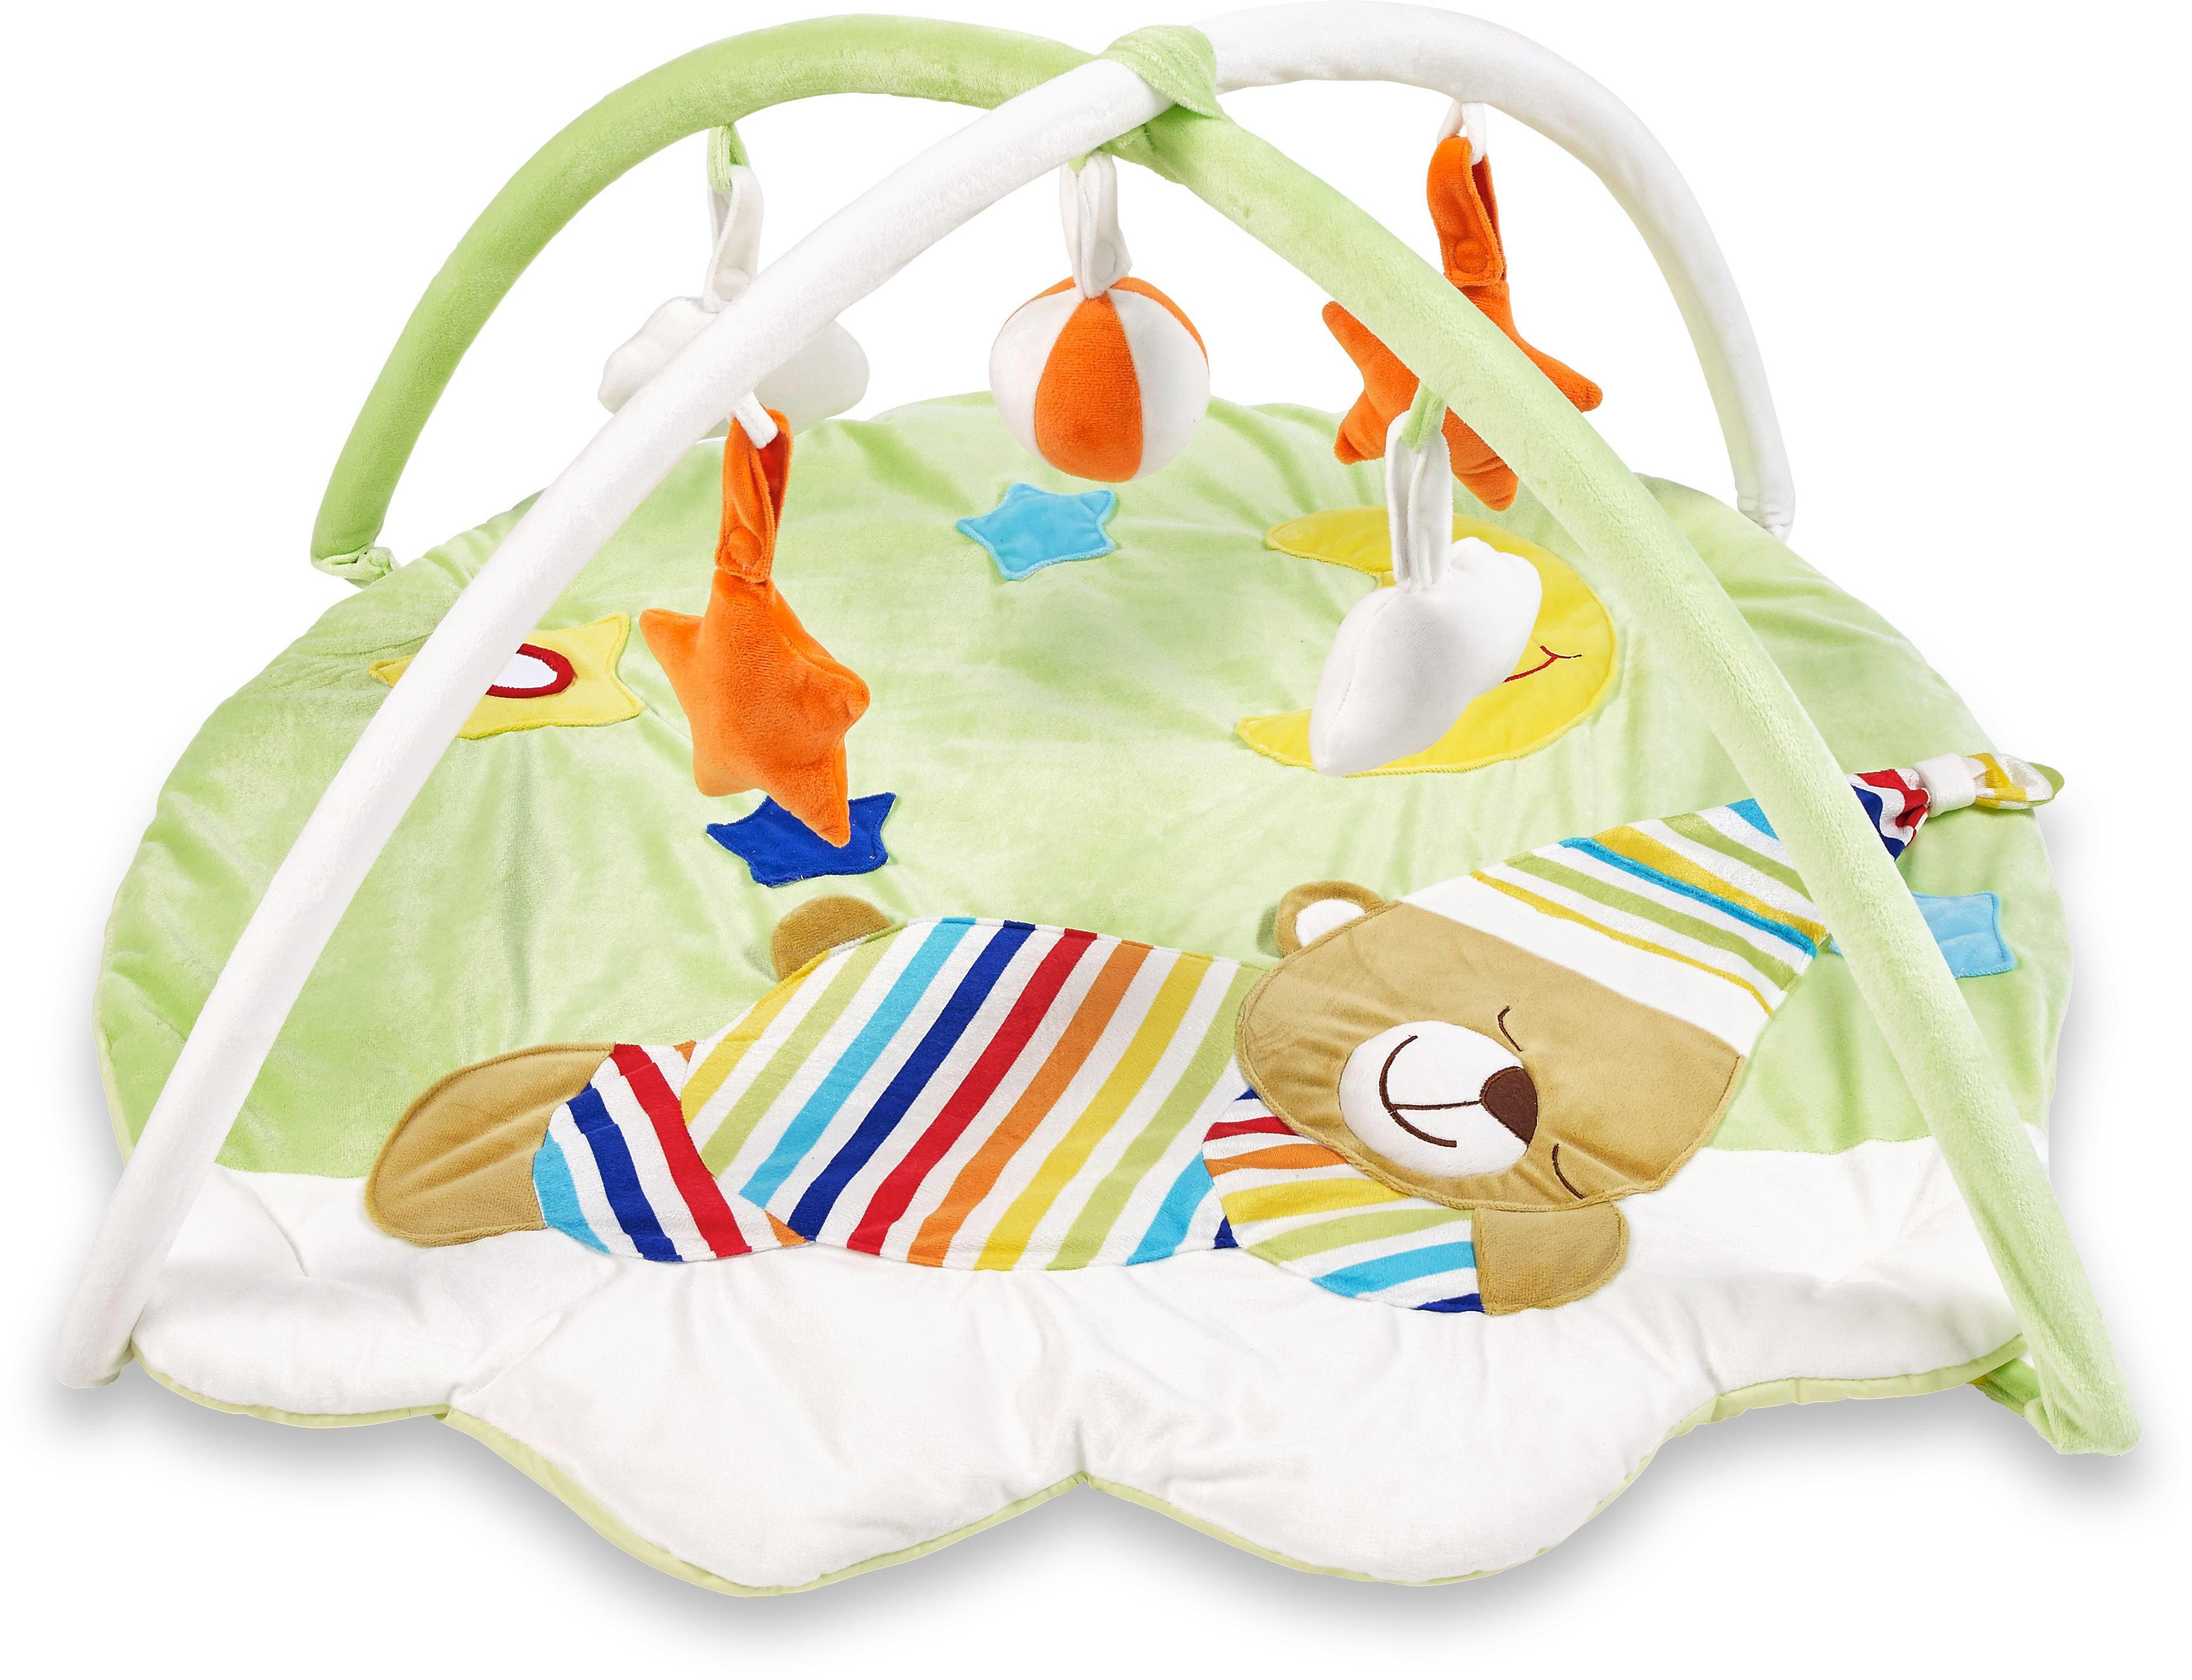 3in1 Krabbeldecke Spieldecke Spielbogen Spielmatte Erlebnisdecke Musik Baby Gym GläNzende OberfläChe Spielzeug